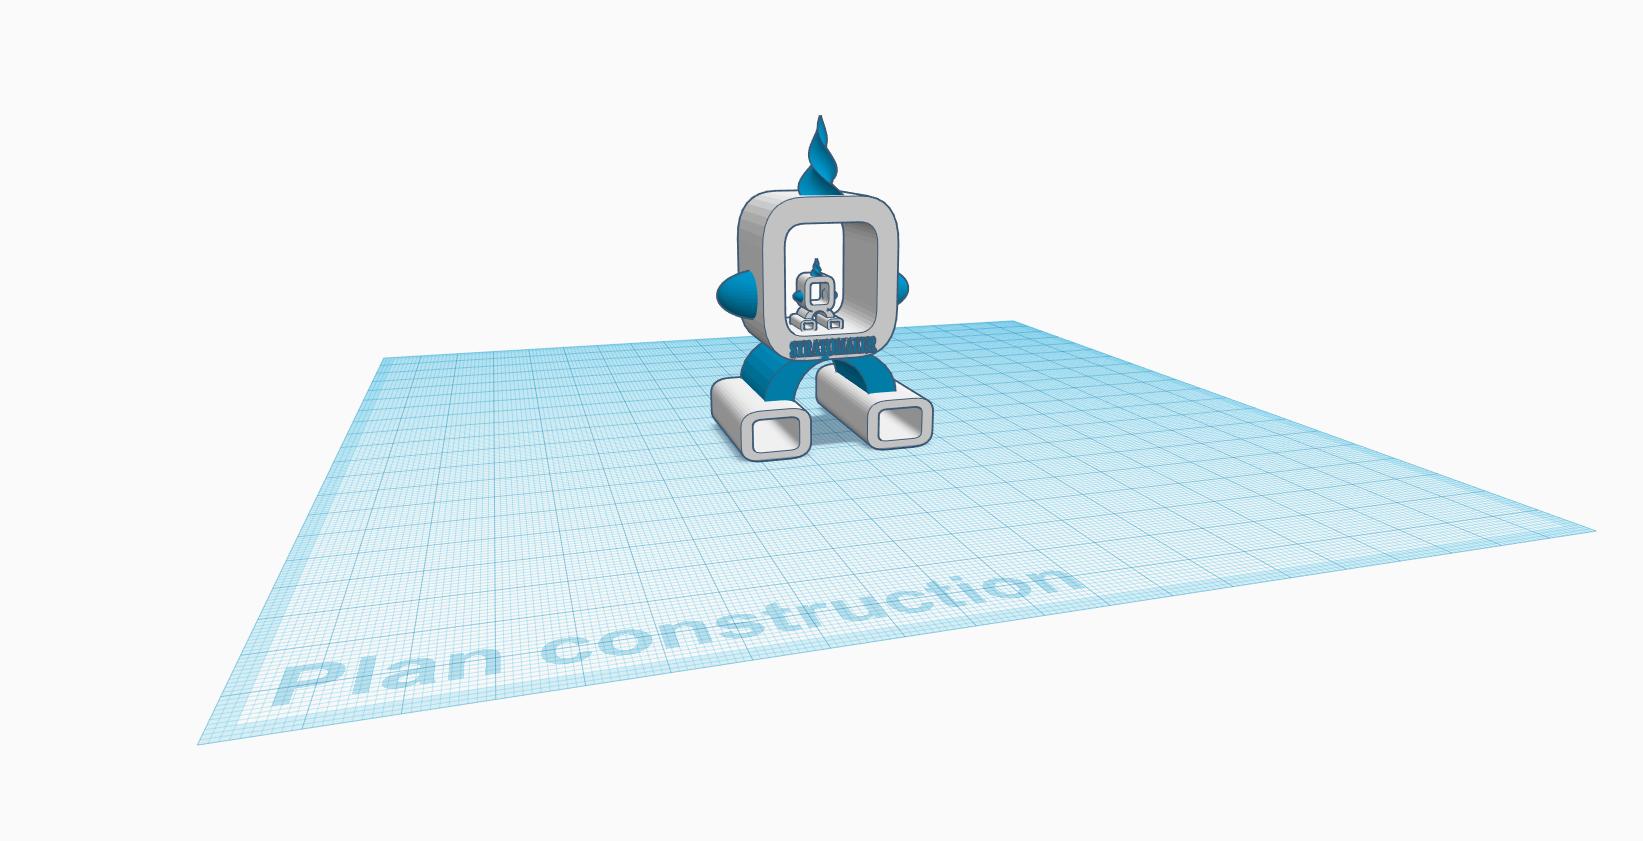 STRATOMAKER (5).png Download free STL file #STRATOMAKER • 3D print model, Philstrau